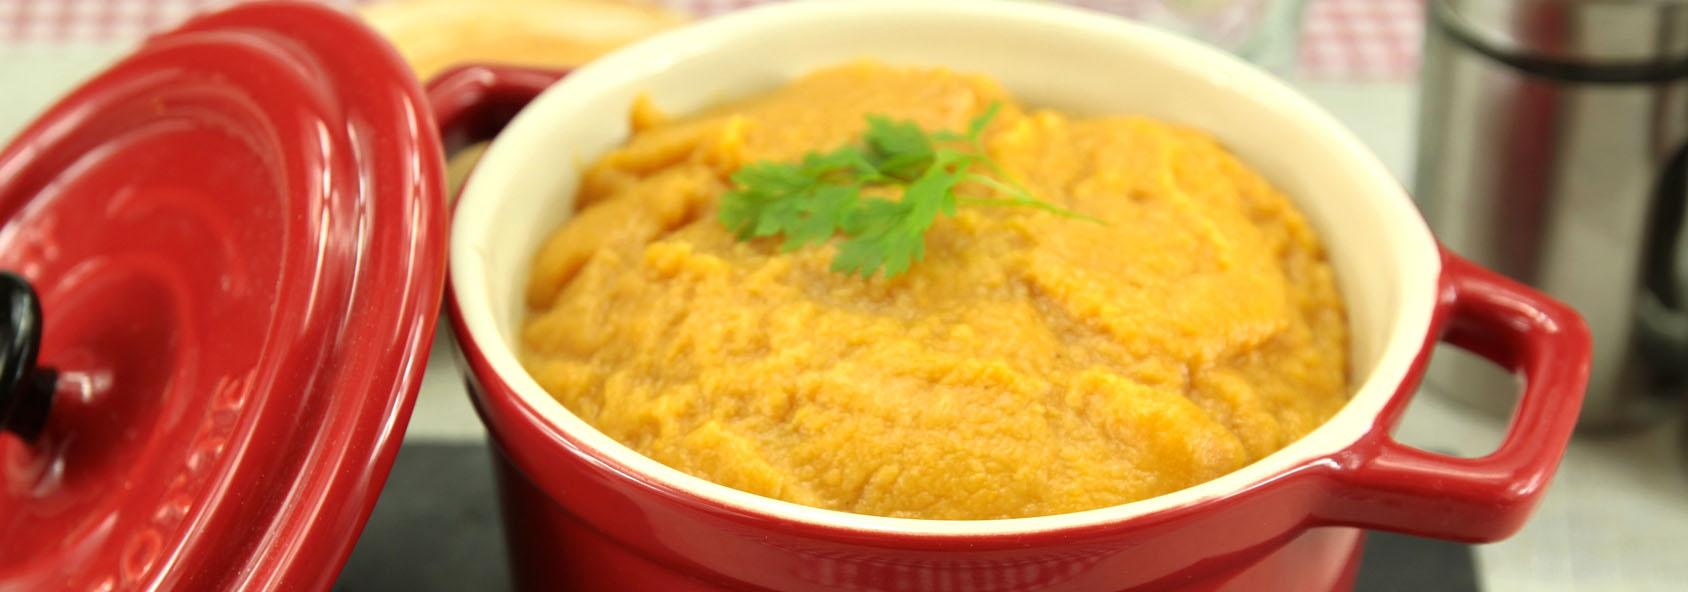 Rezept für Süßkartoffelpüree